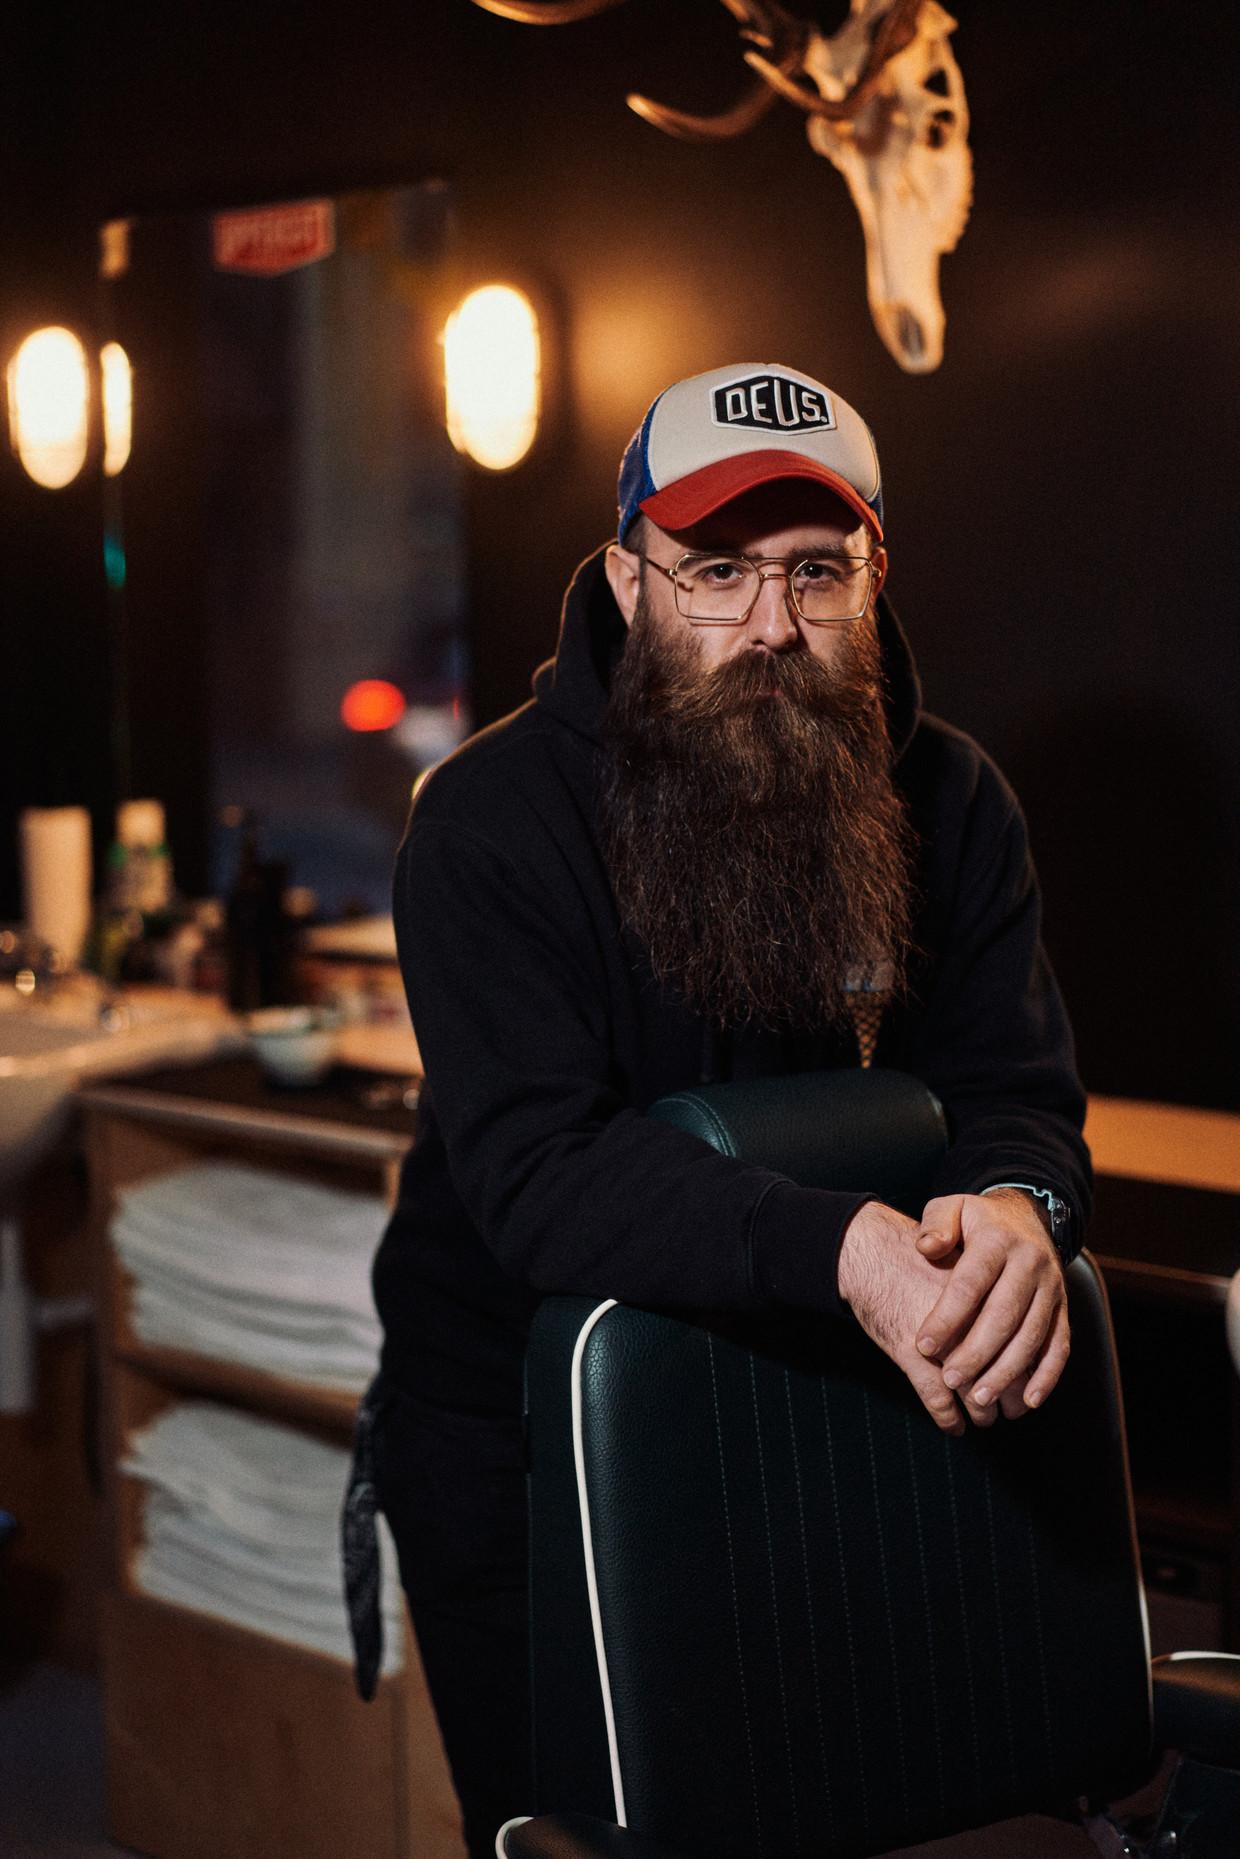 Timothy Liedts, eigenaar van barbier Barabas in Merelbeke, kreeg al oneerbare voorstellen. 'Er werd mij grof geld geboden om toch te knippen' Beeld thomas sweertvaegher